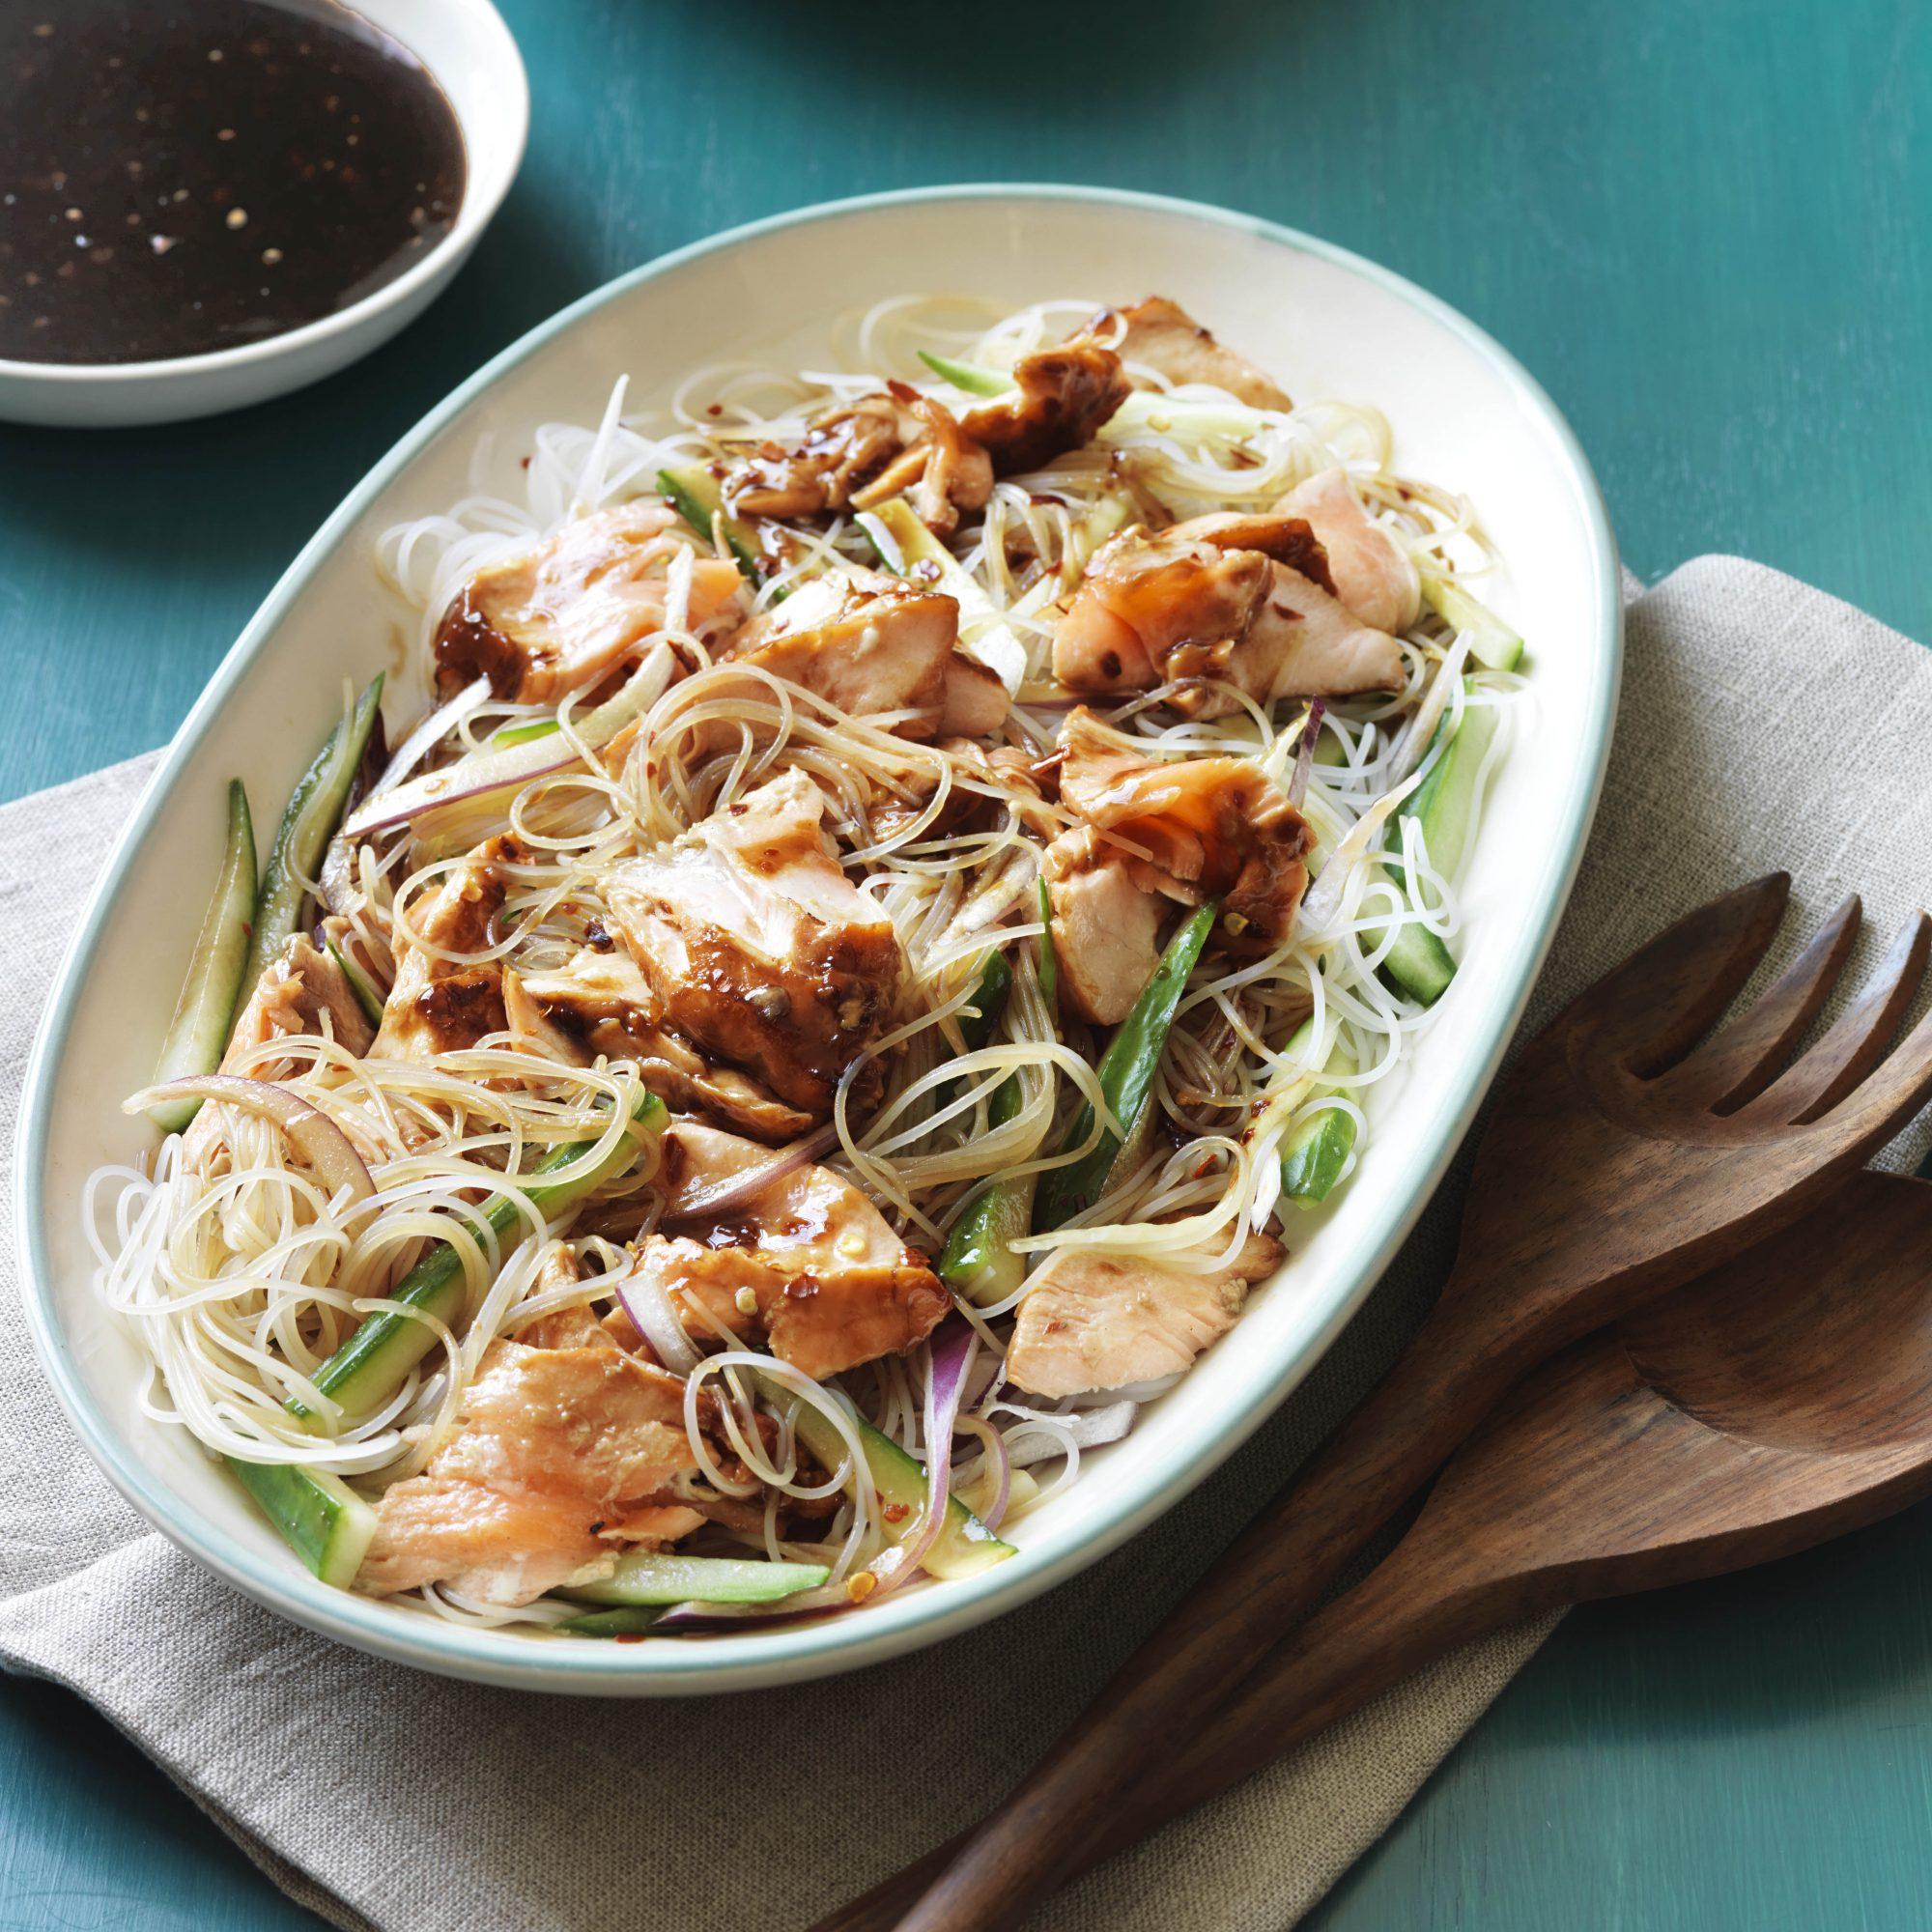 Hoisin-Glazed Salmon Noodle Bowls